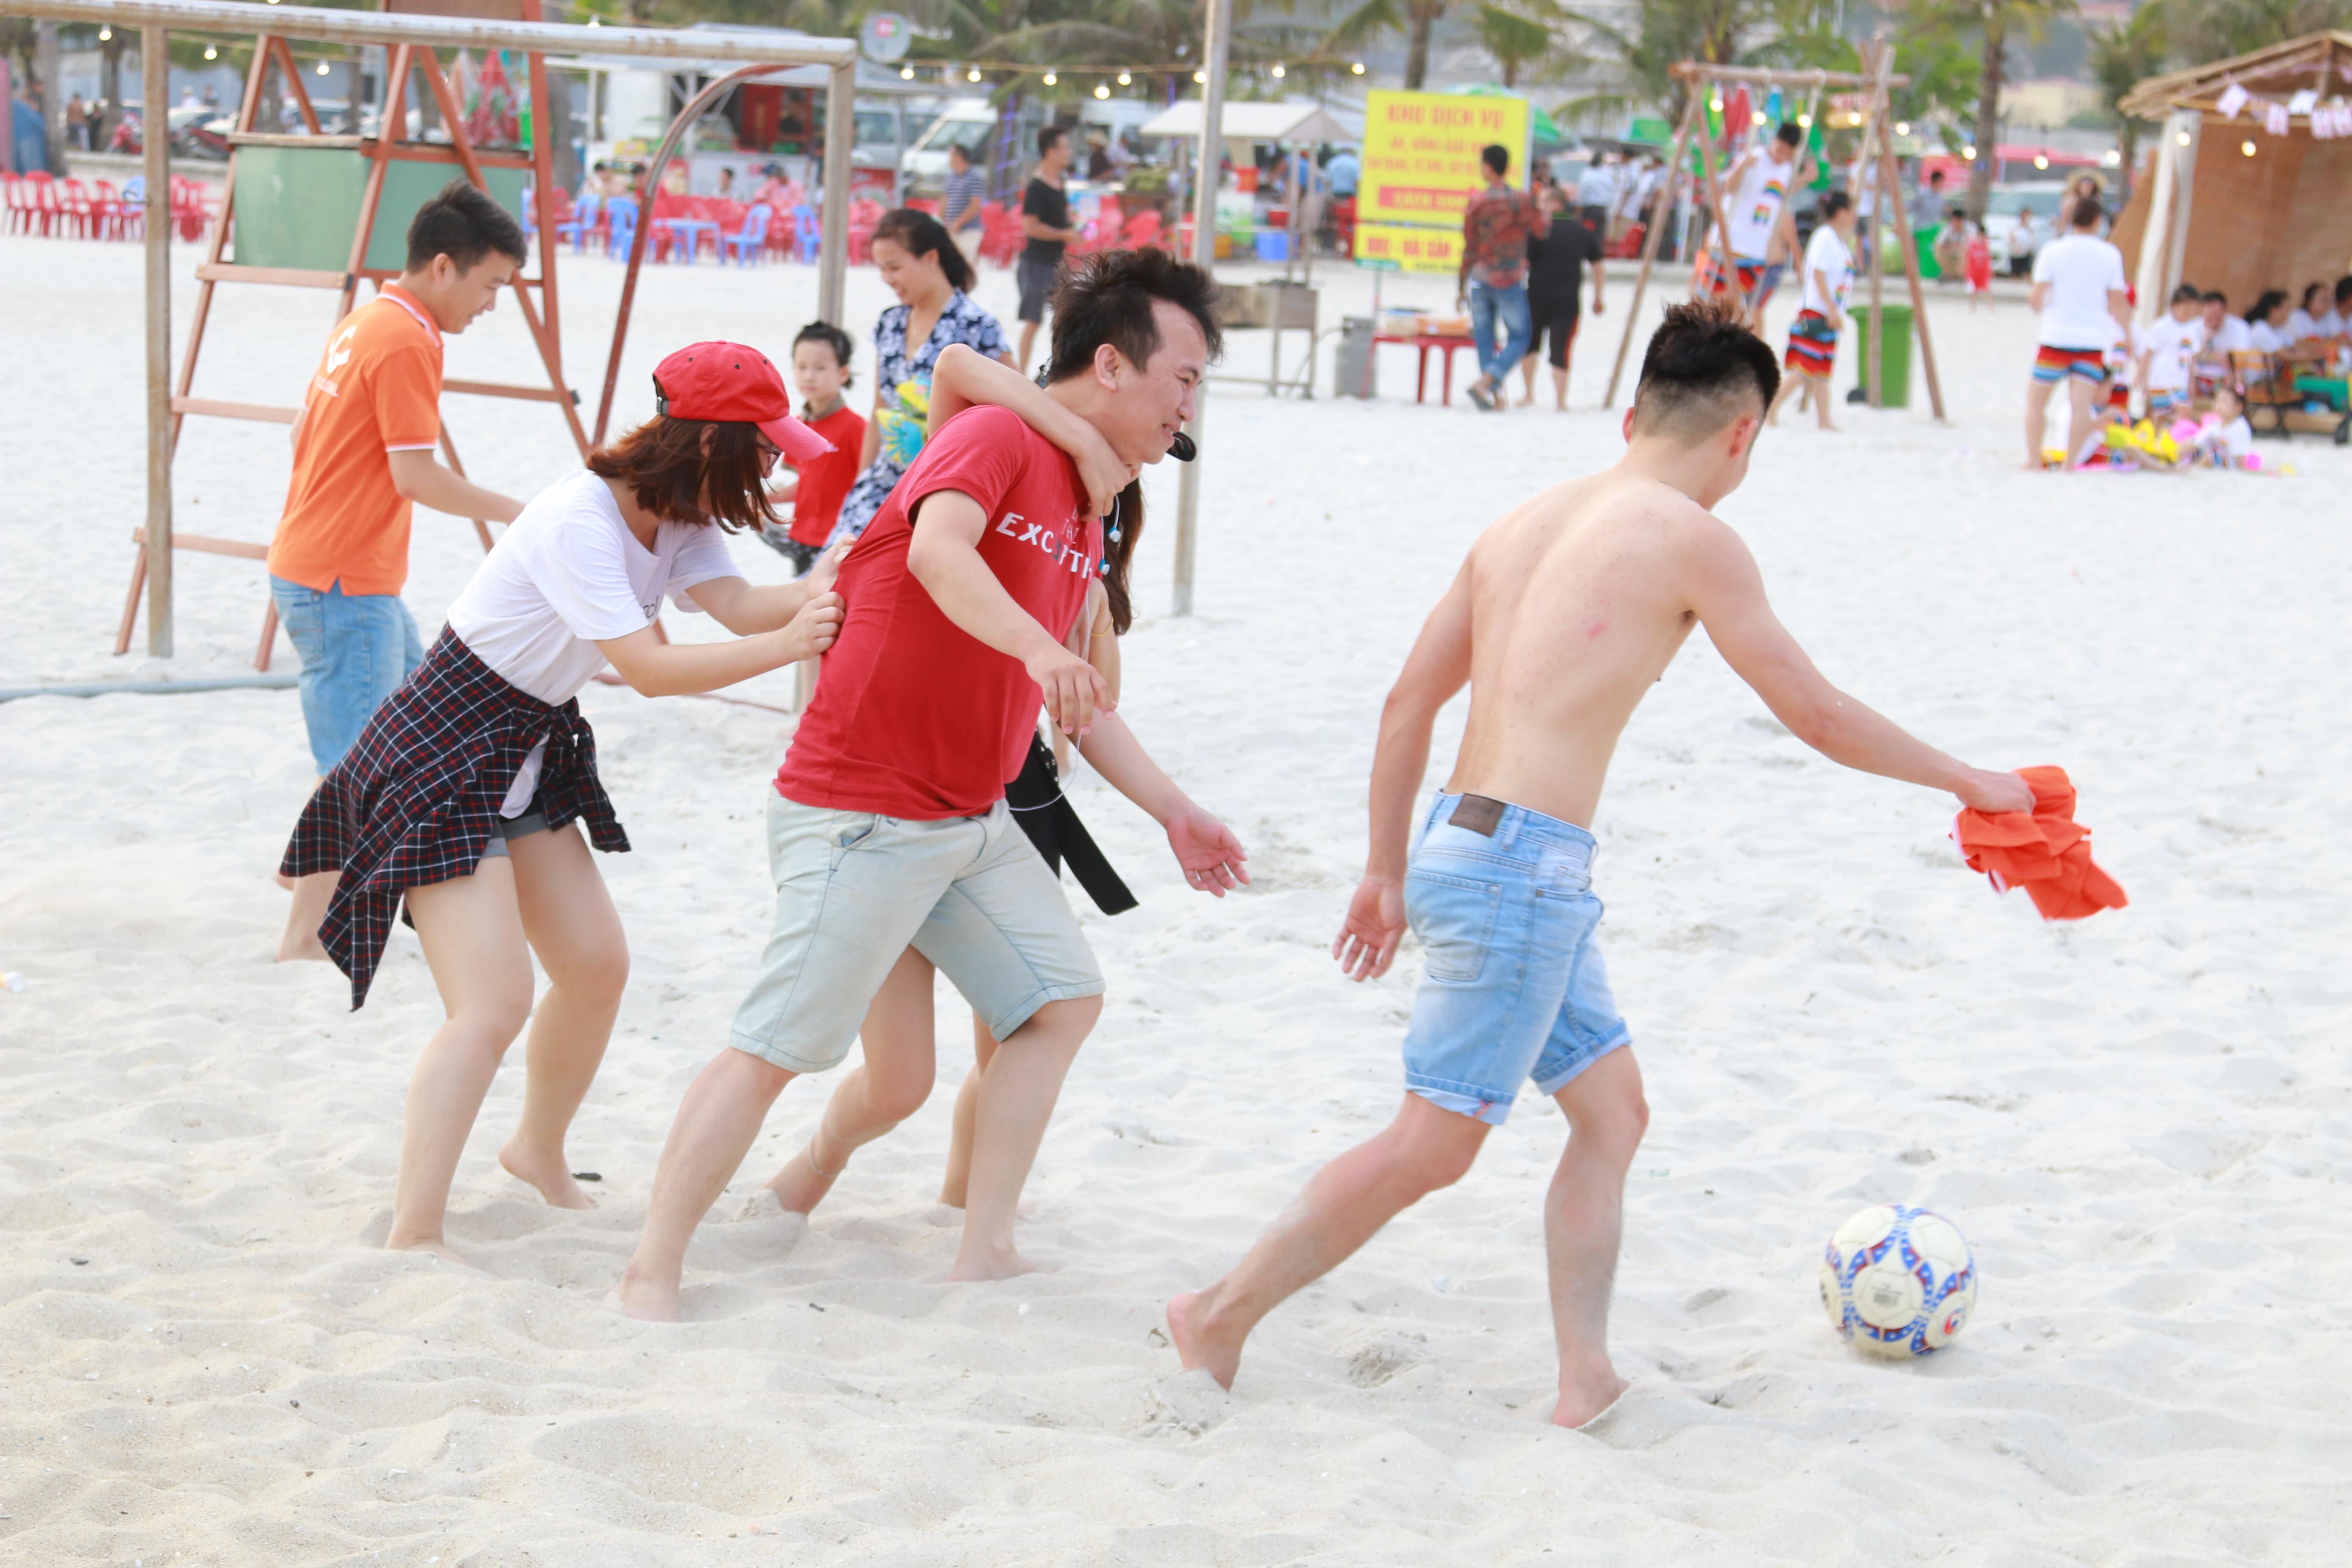 Đoàn được chia làm 4 đội để tham gia các trò chơi xuyên suốt chương trình. Ngày đầu tiên, các đội chơi đá bóng bãi biển. Hoạt động này vừa khởi động cho chuỗi team building vừa tăng cường sự gắn kết giữa thành viên các đội với nhau.